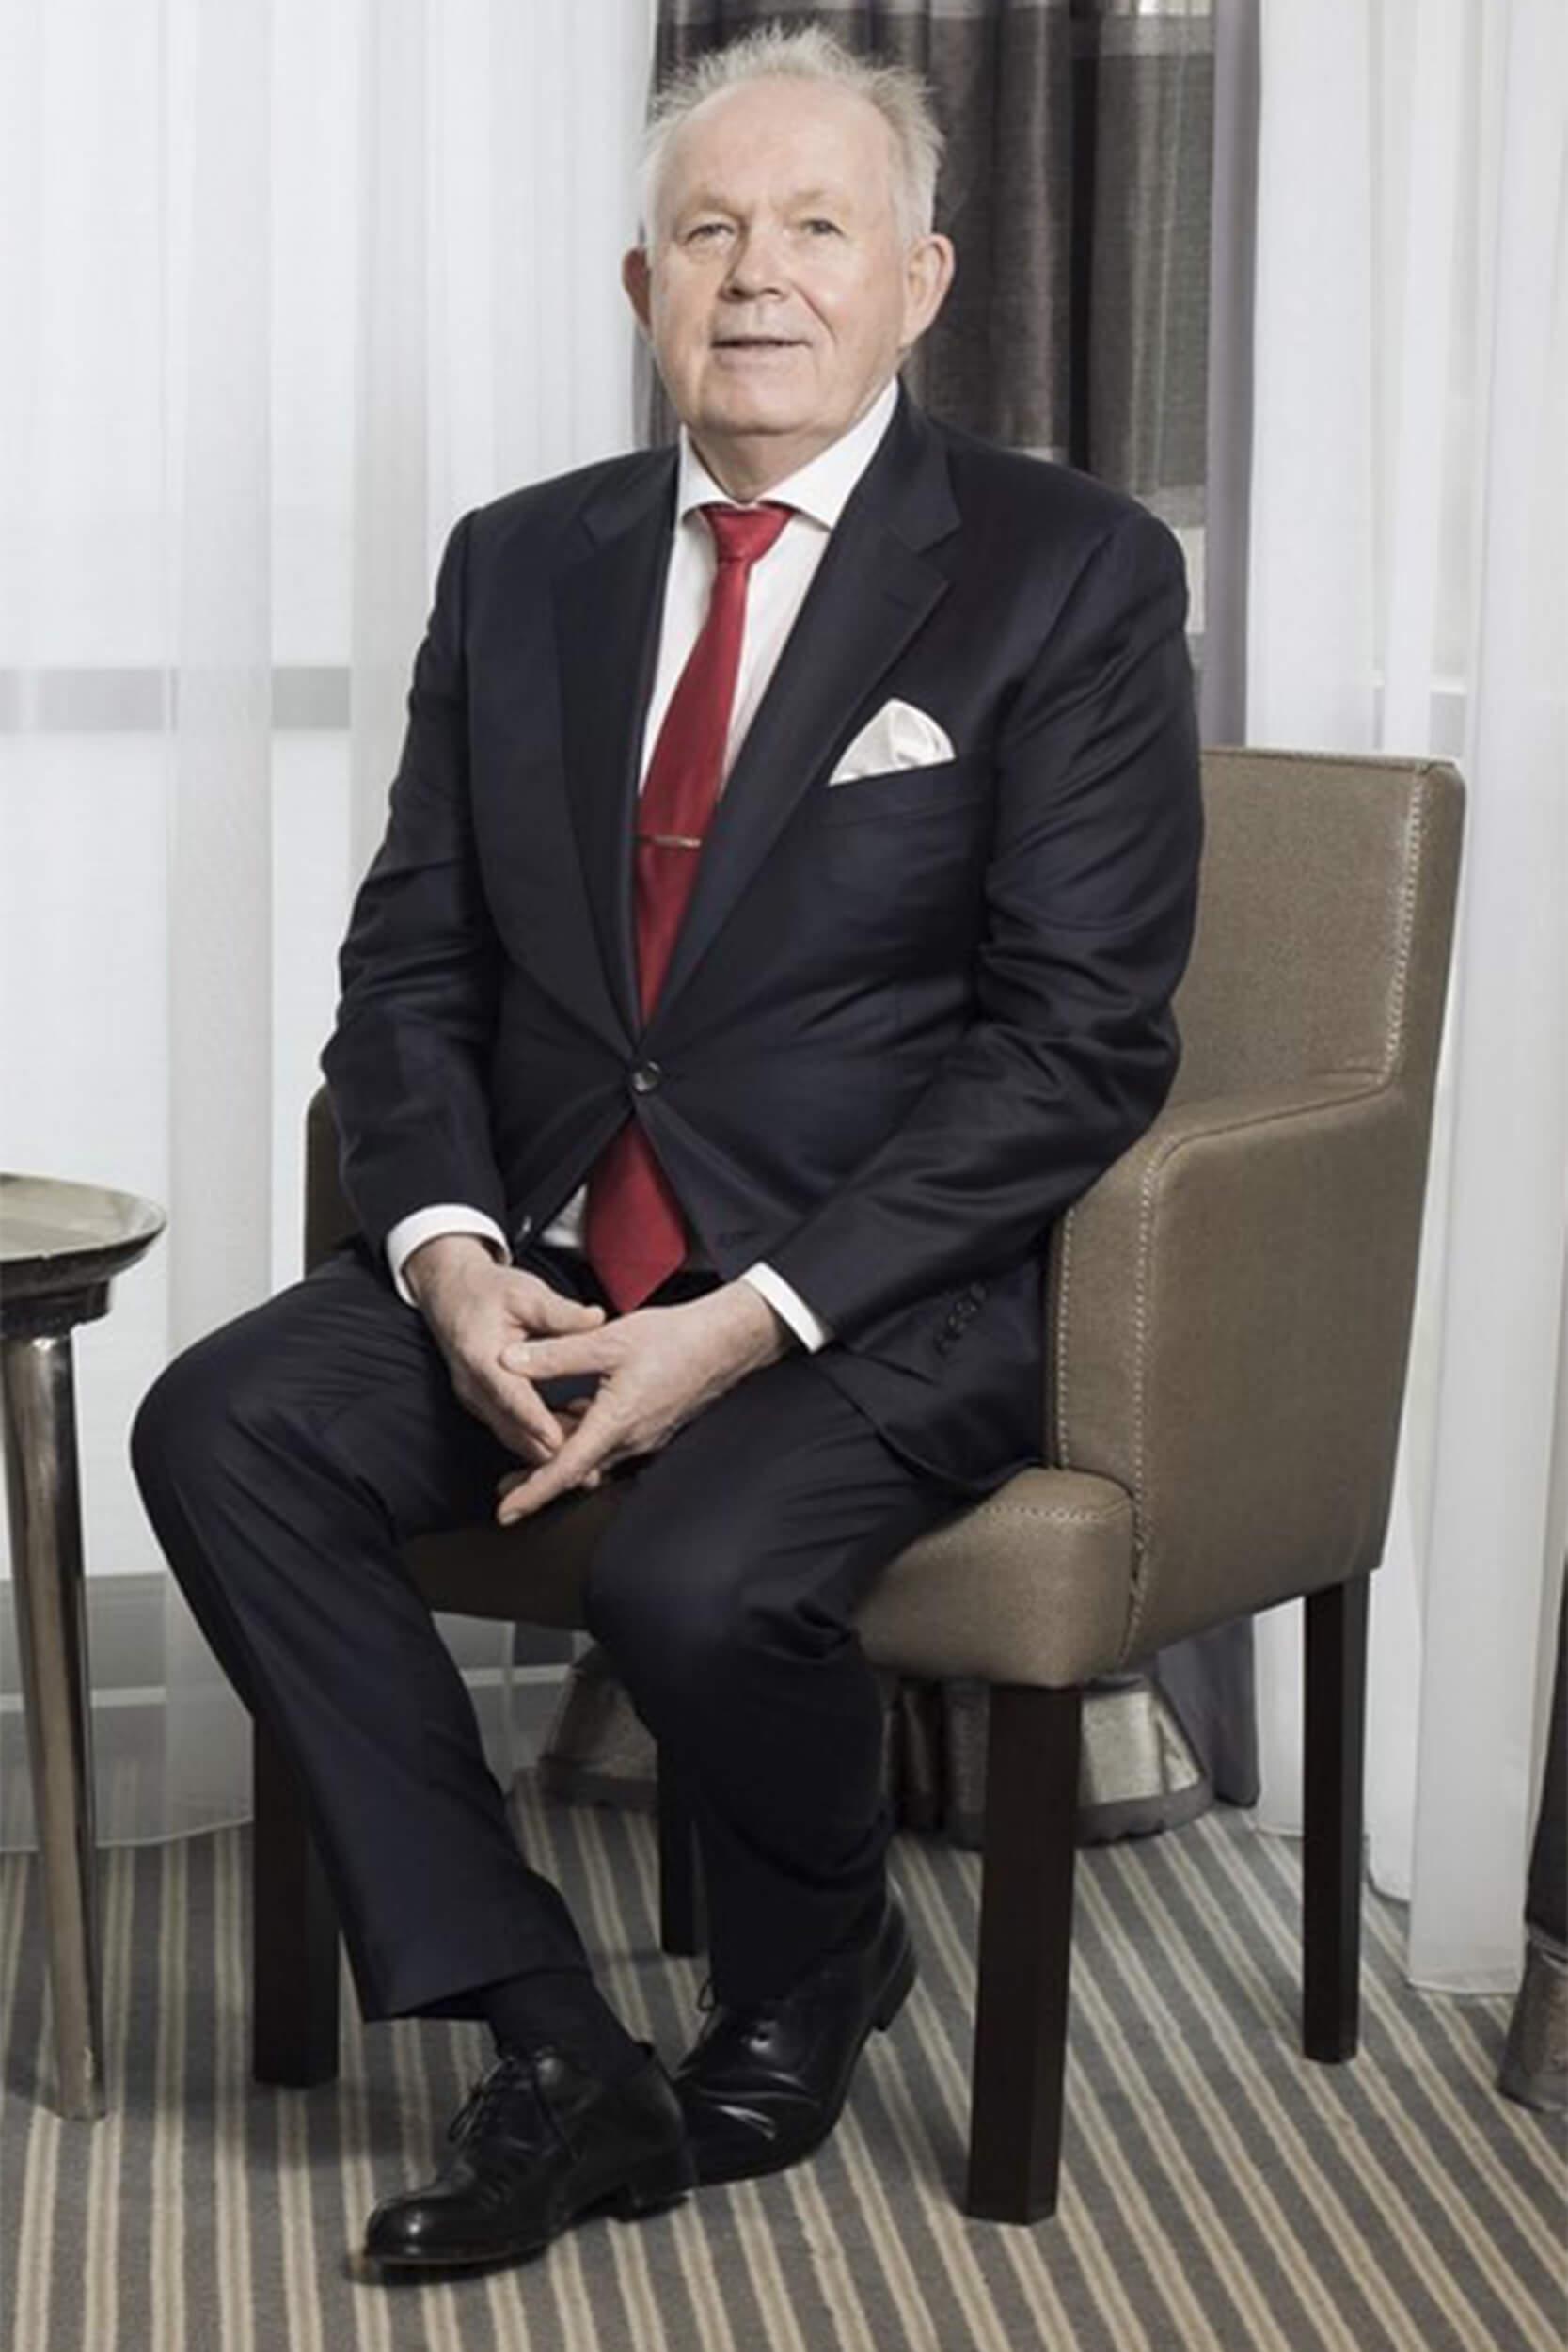 Dr. med. Gregor Wiewiorski